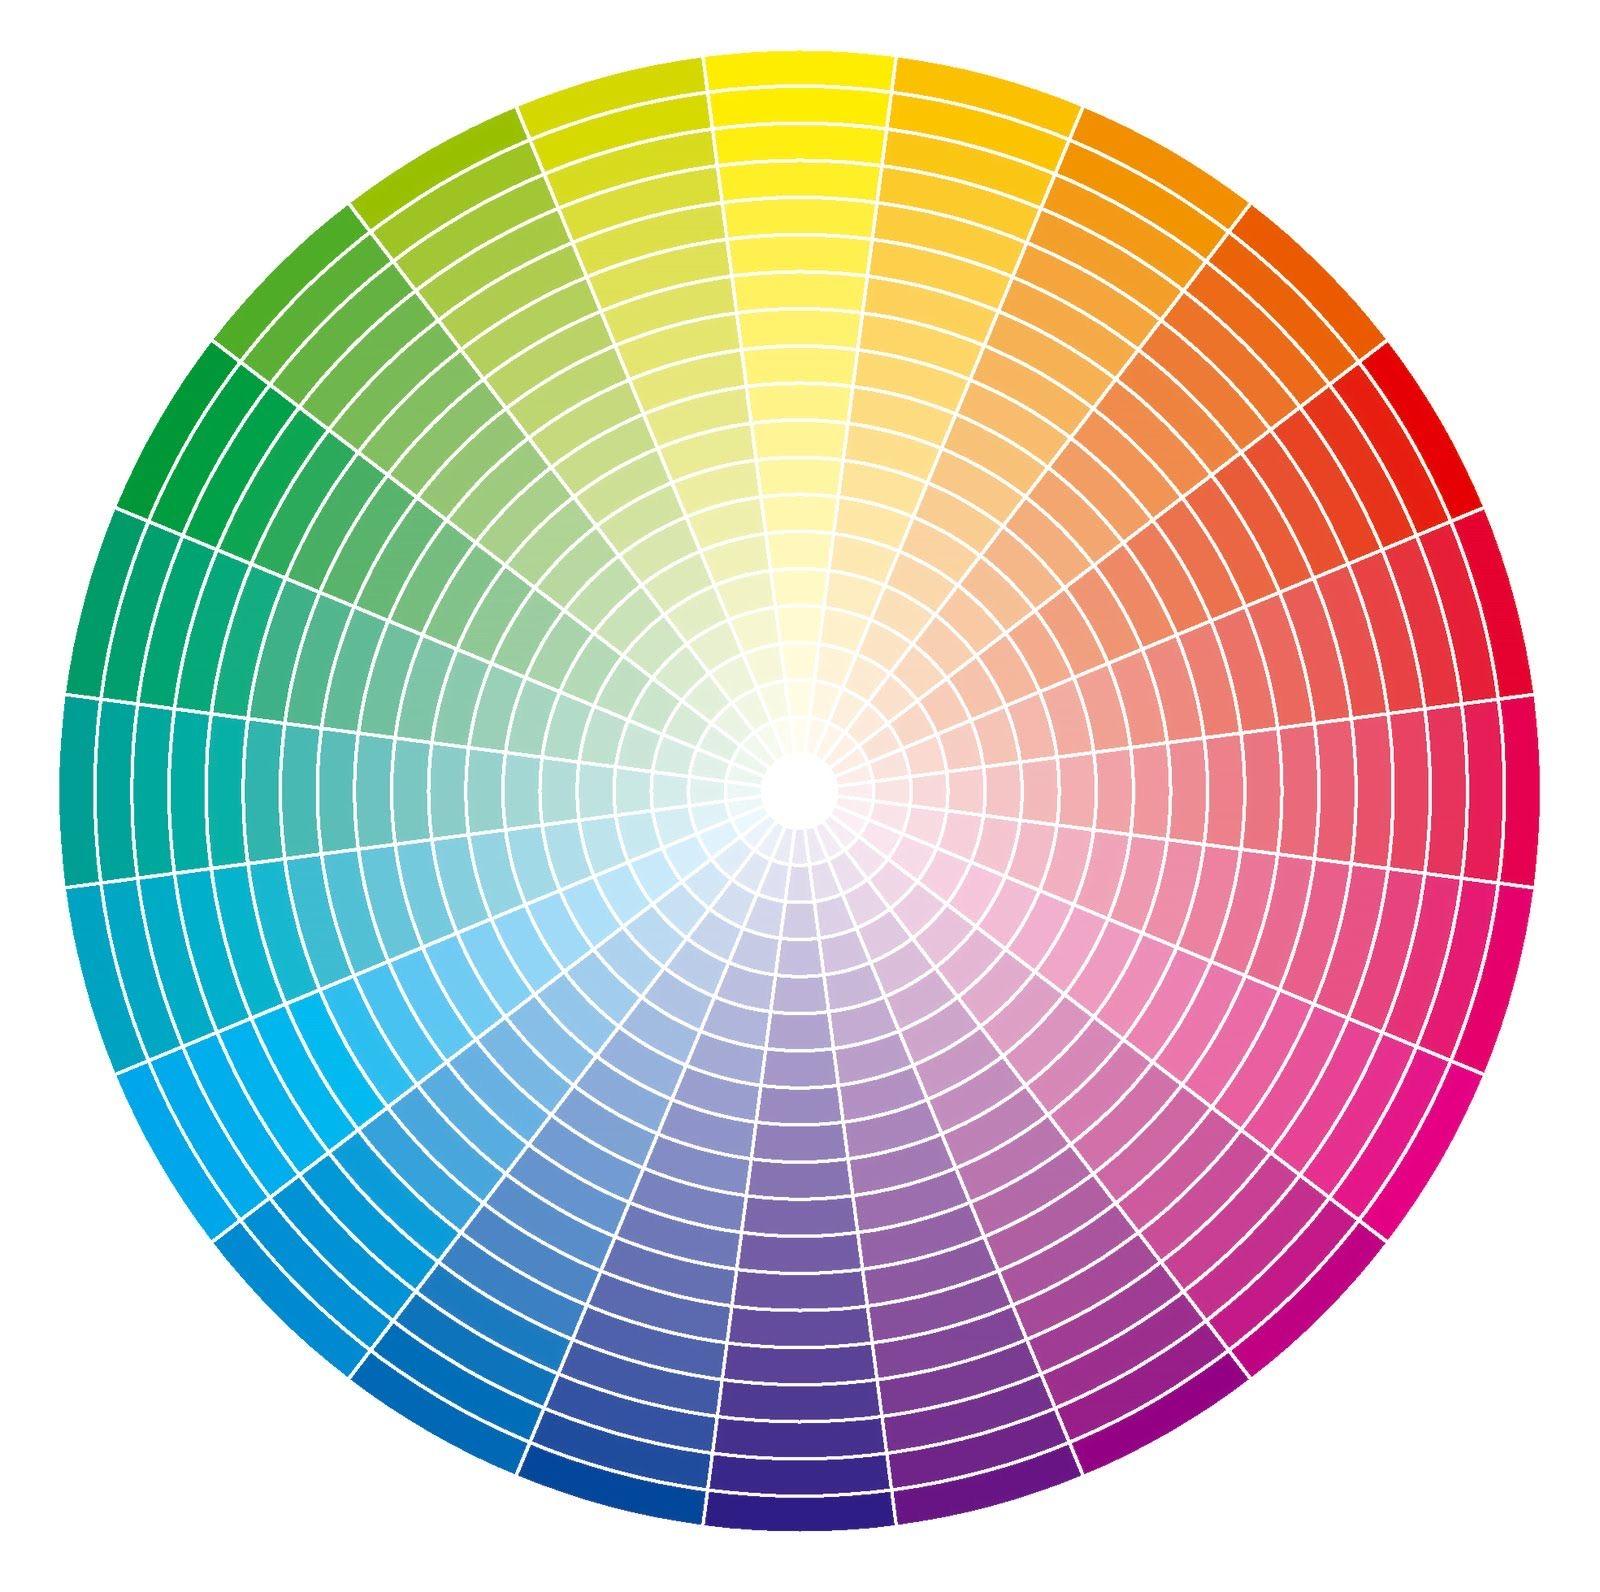 Картинка для Какой цвет получится?